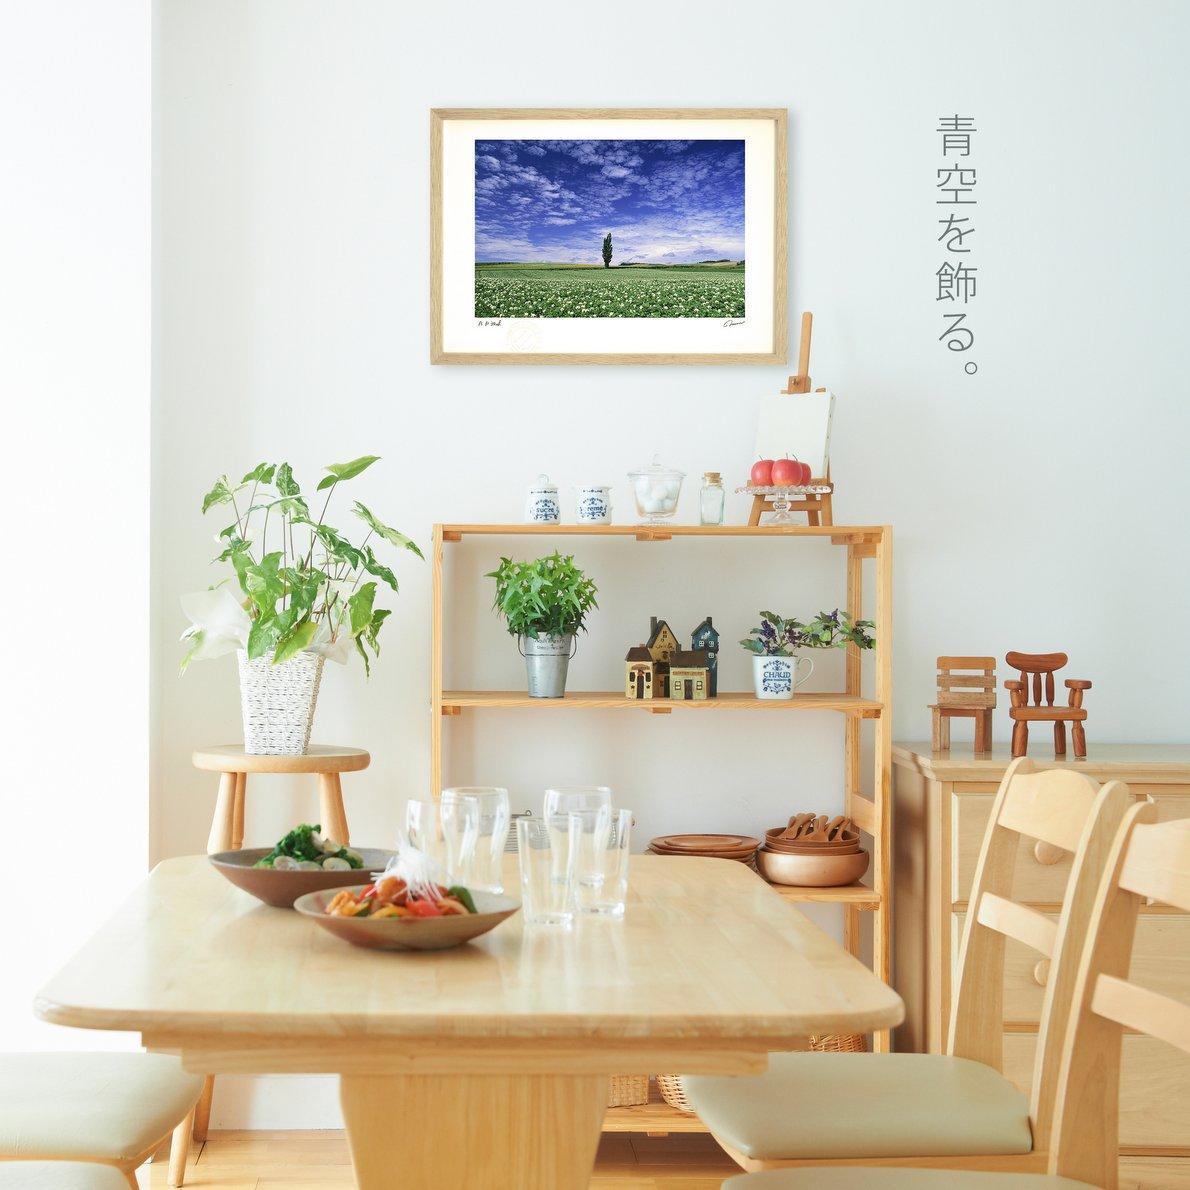 《アートフォト》秋の丘緑肥用のヒマワリ/美瑛町〔富良野・高橋真澄〕(レンタル対象)